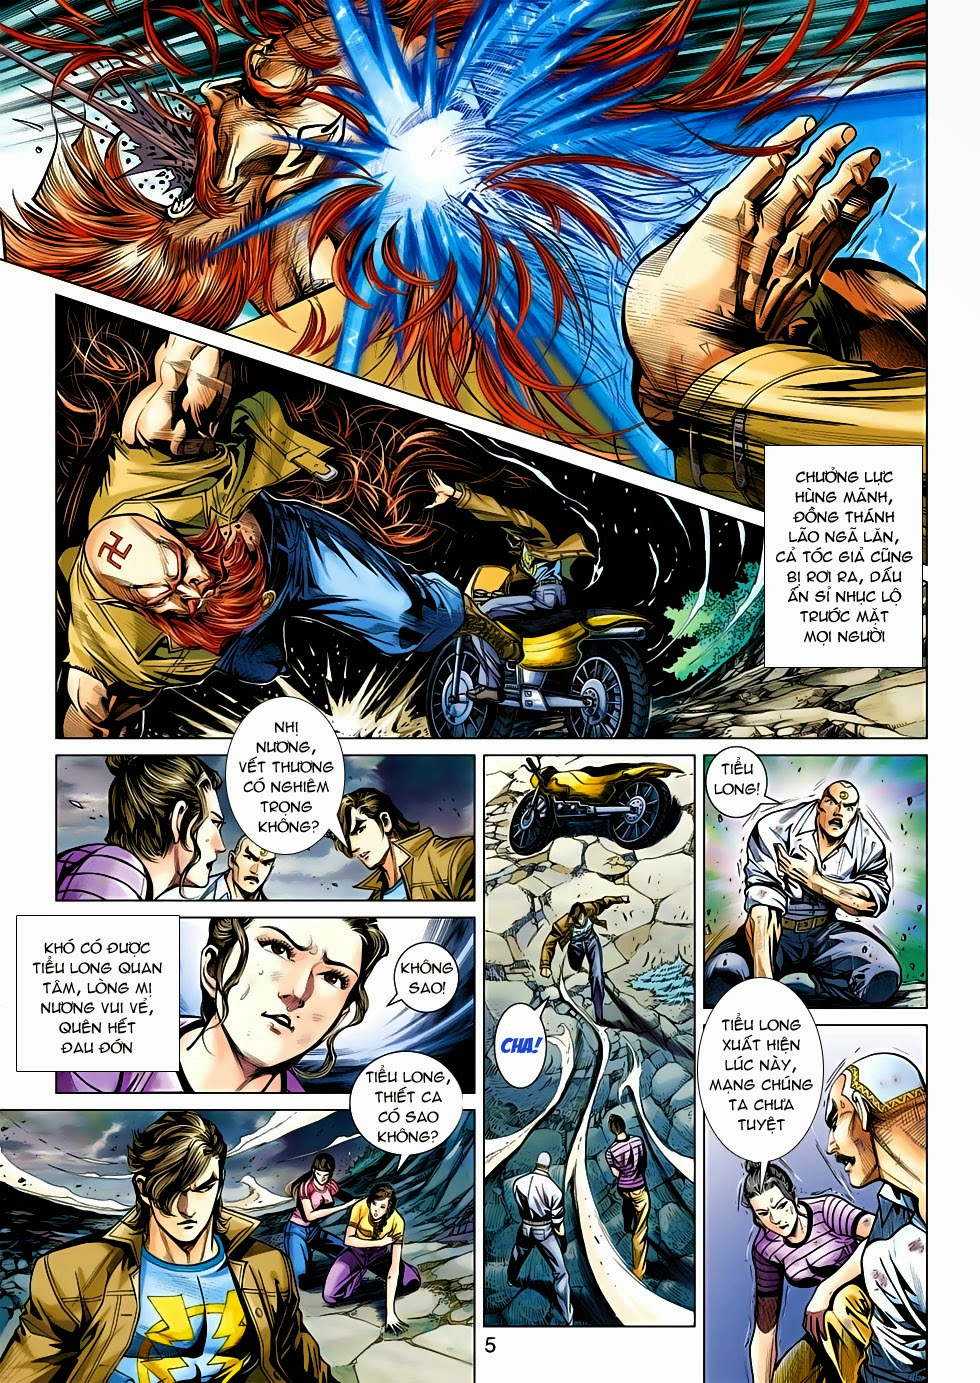 Tân Tác Long Hổ Môn chap 470 - Trang 5